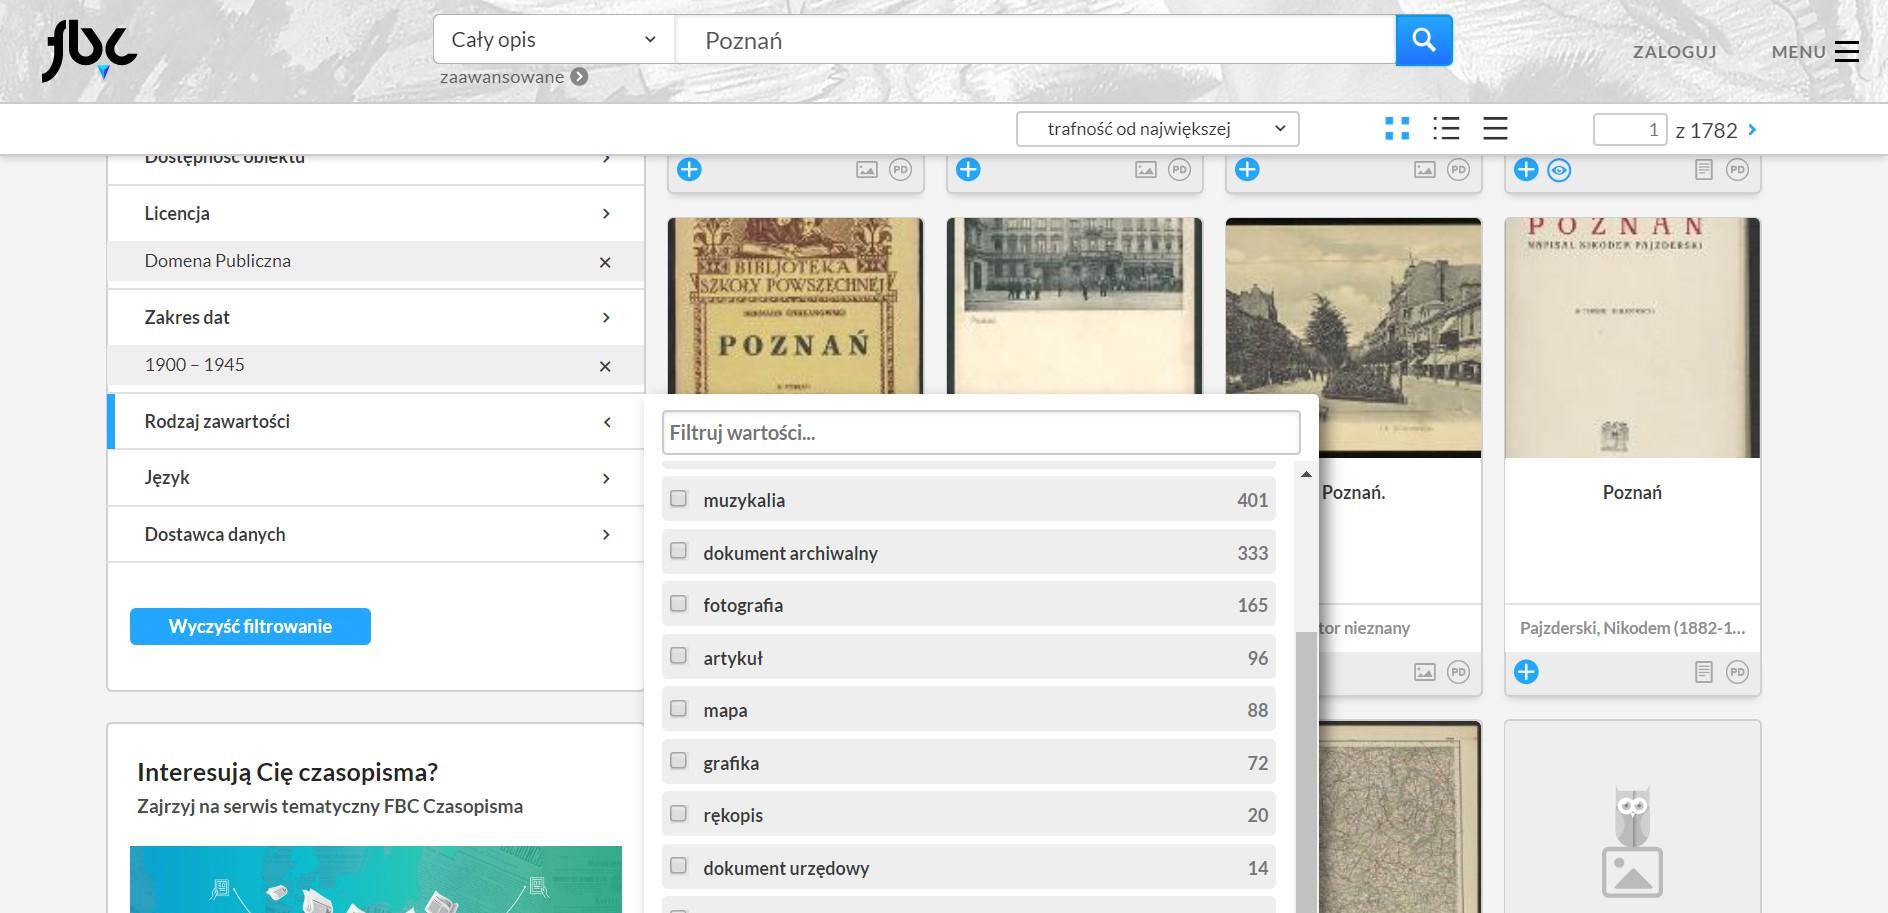 strona serwisu Federacja Bibliotek Cyfrowych ze wskazaniem miejsca, gdzie ustawia się rodzaj zawartości archiwaliów, które mają zostać wyszukane